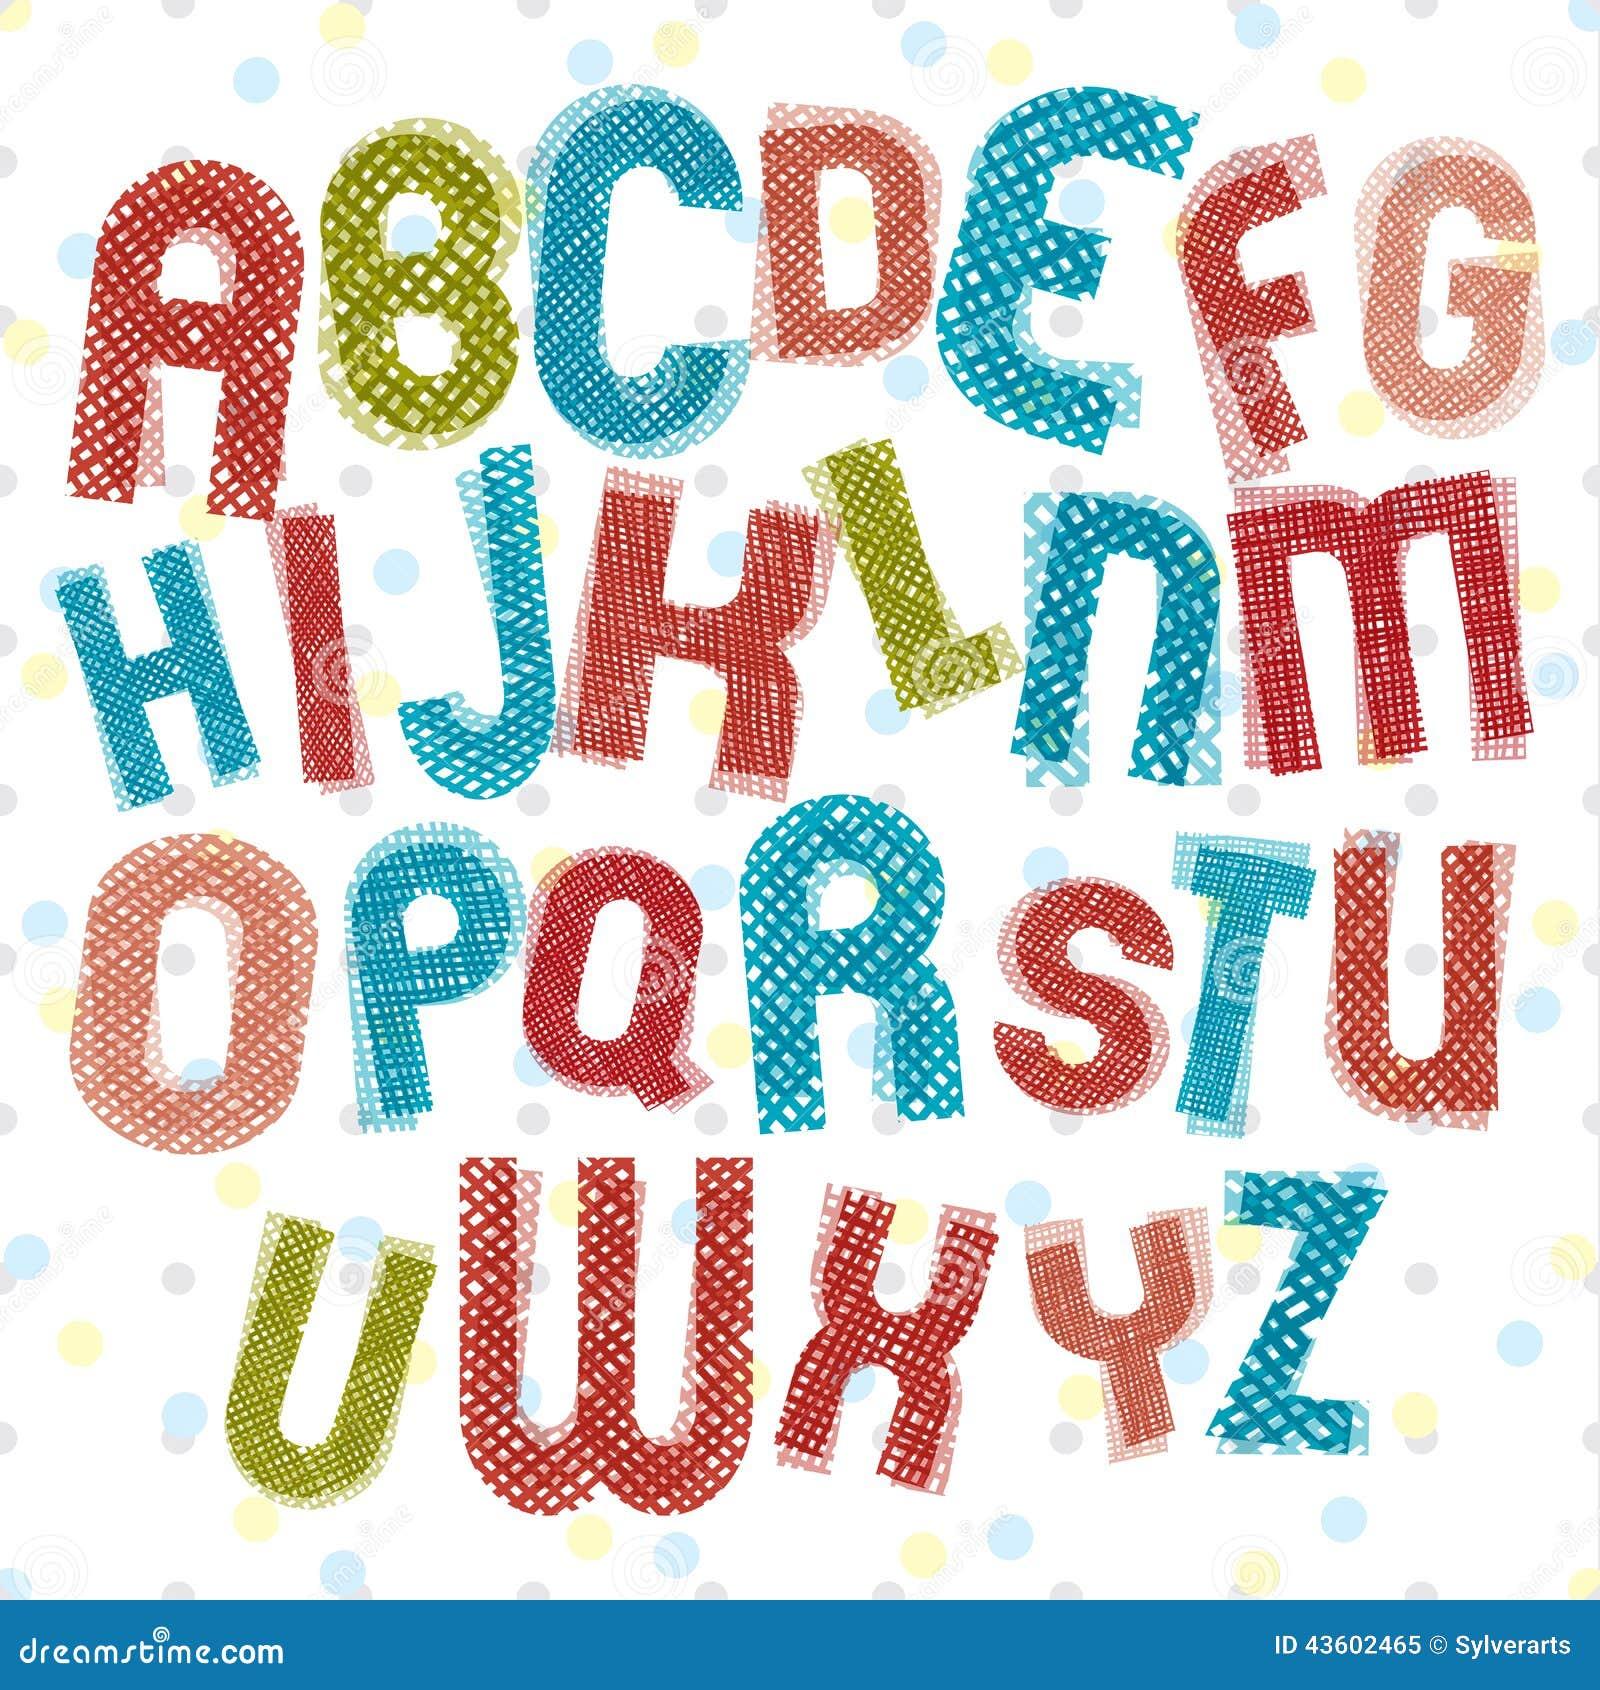 El alfabeto infantil ni os dise a letras coloridas con la - Fuente letra infantil ...